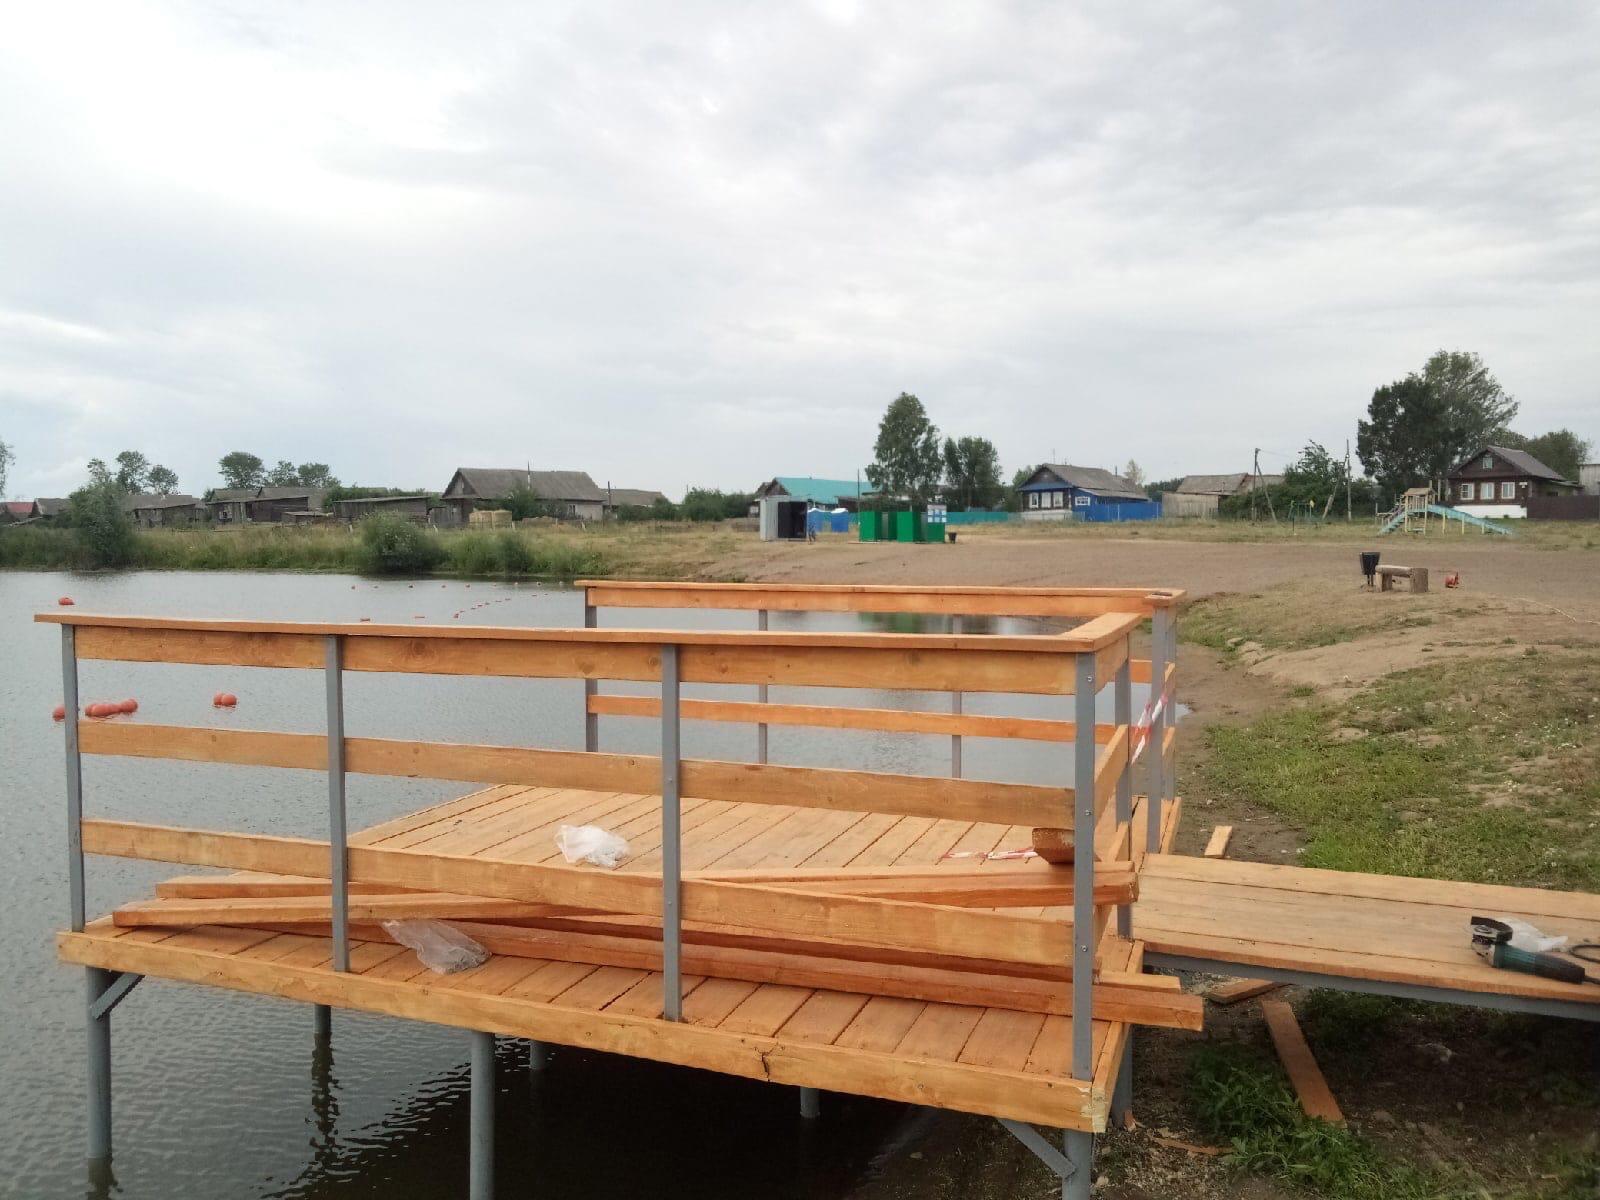 На Пазяльском пруду строят настоящий пирс⛵️